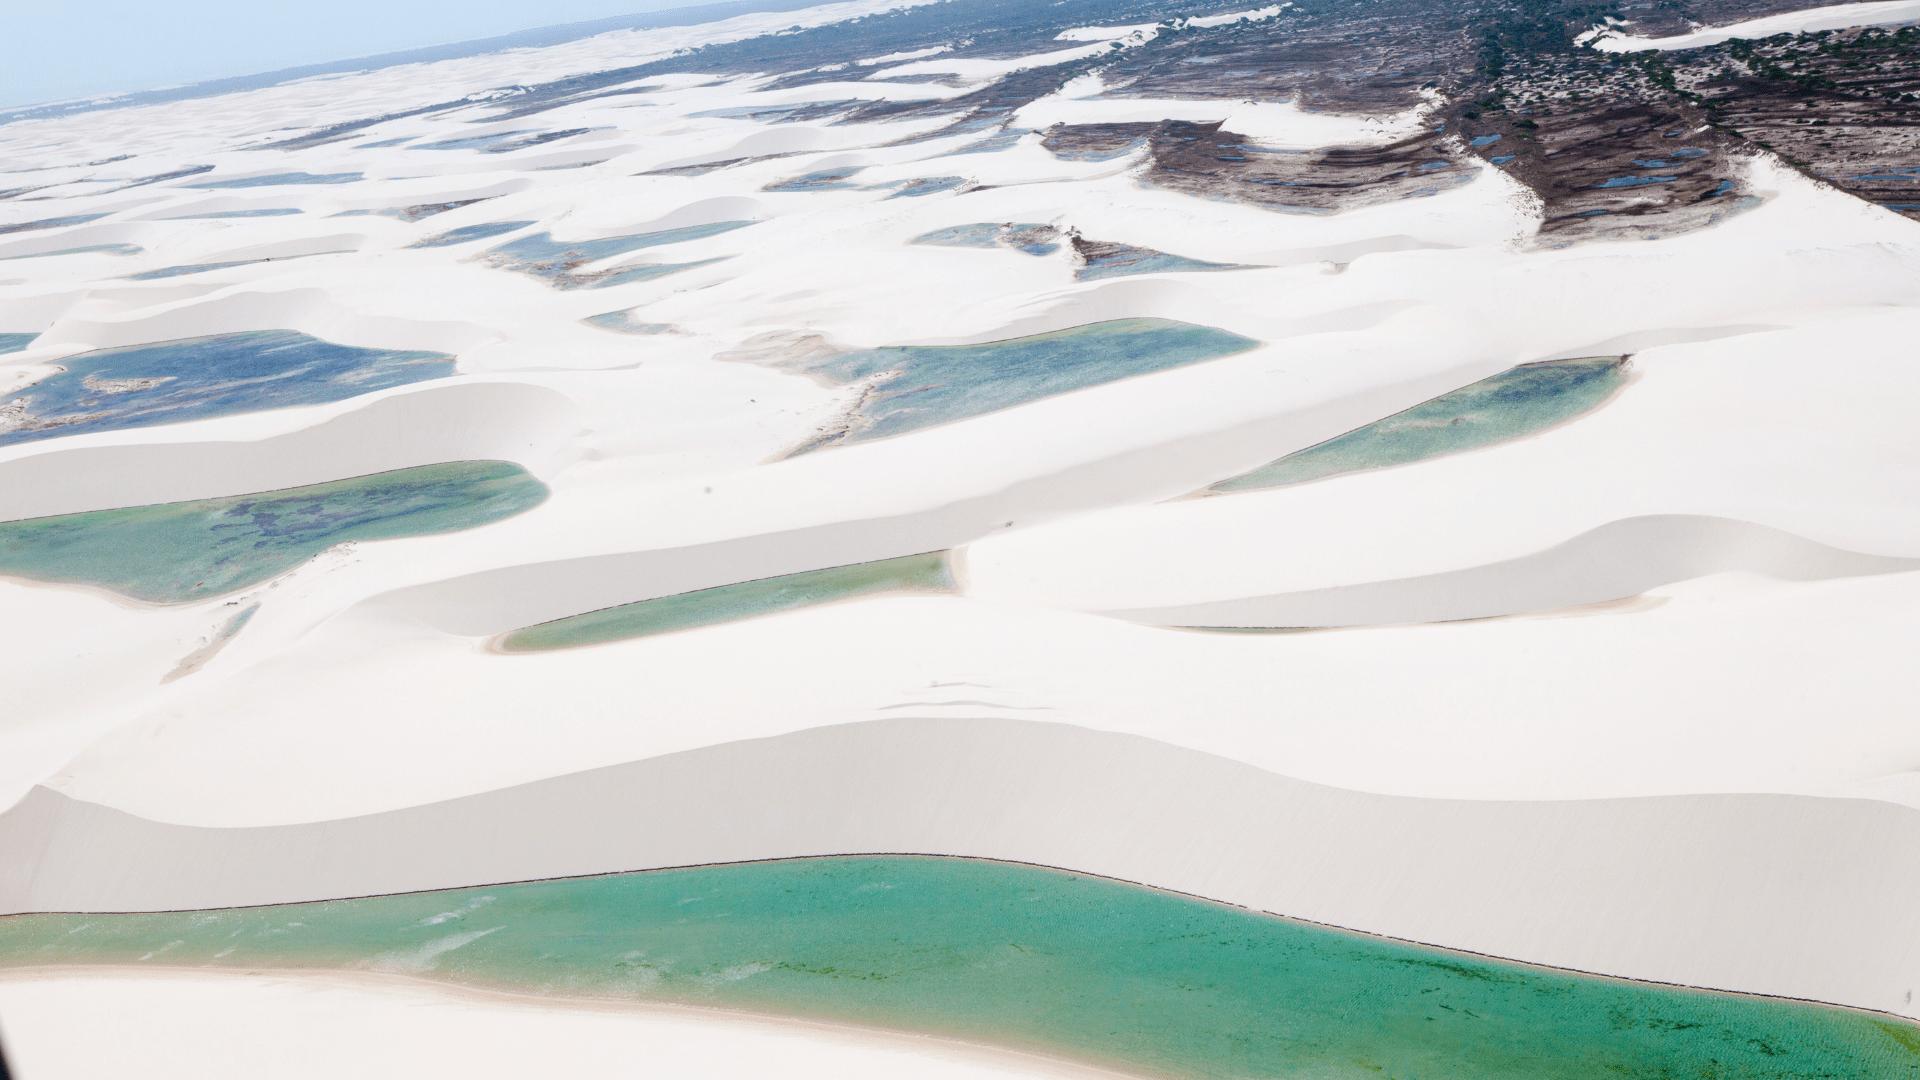 lençois maranhenses national park brazil